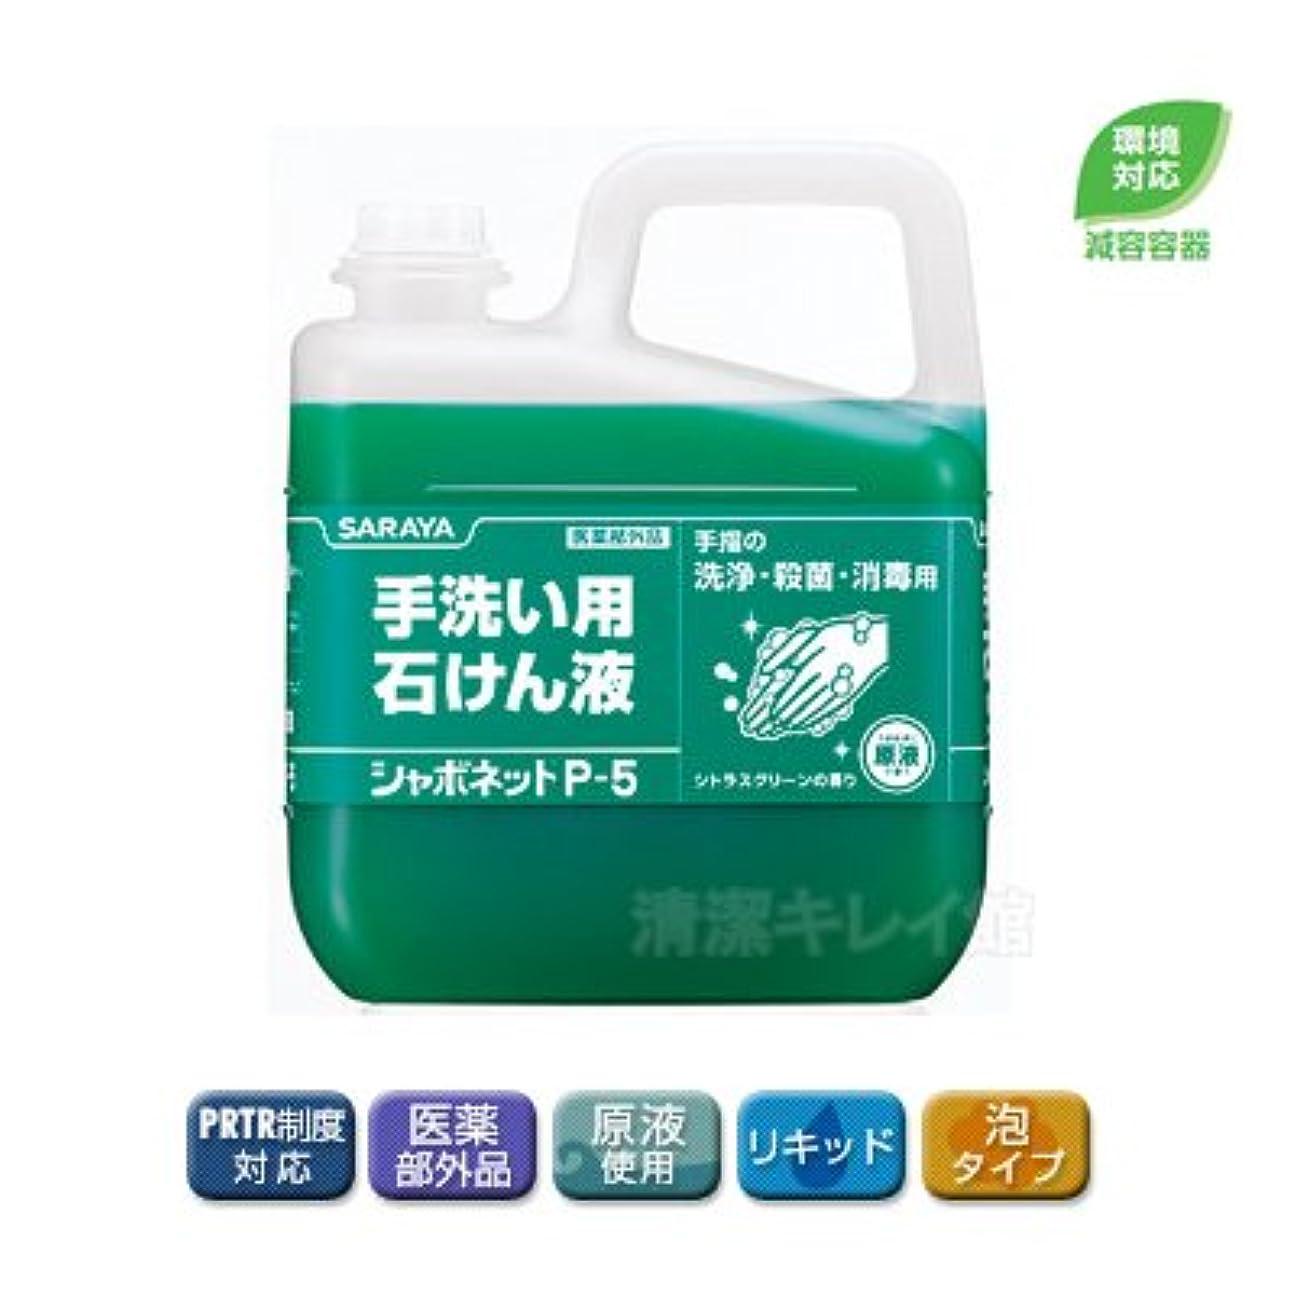 流行屋内逆に【清潔キレイ館】サラヤ シャボネット石鹸液P-5(5kg)